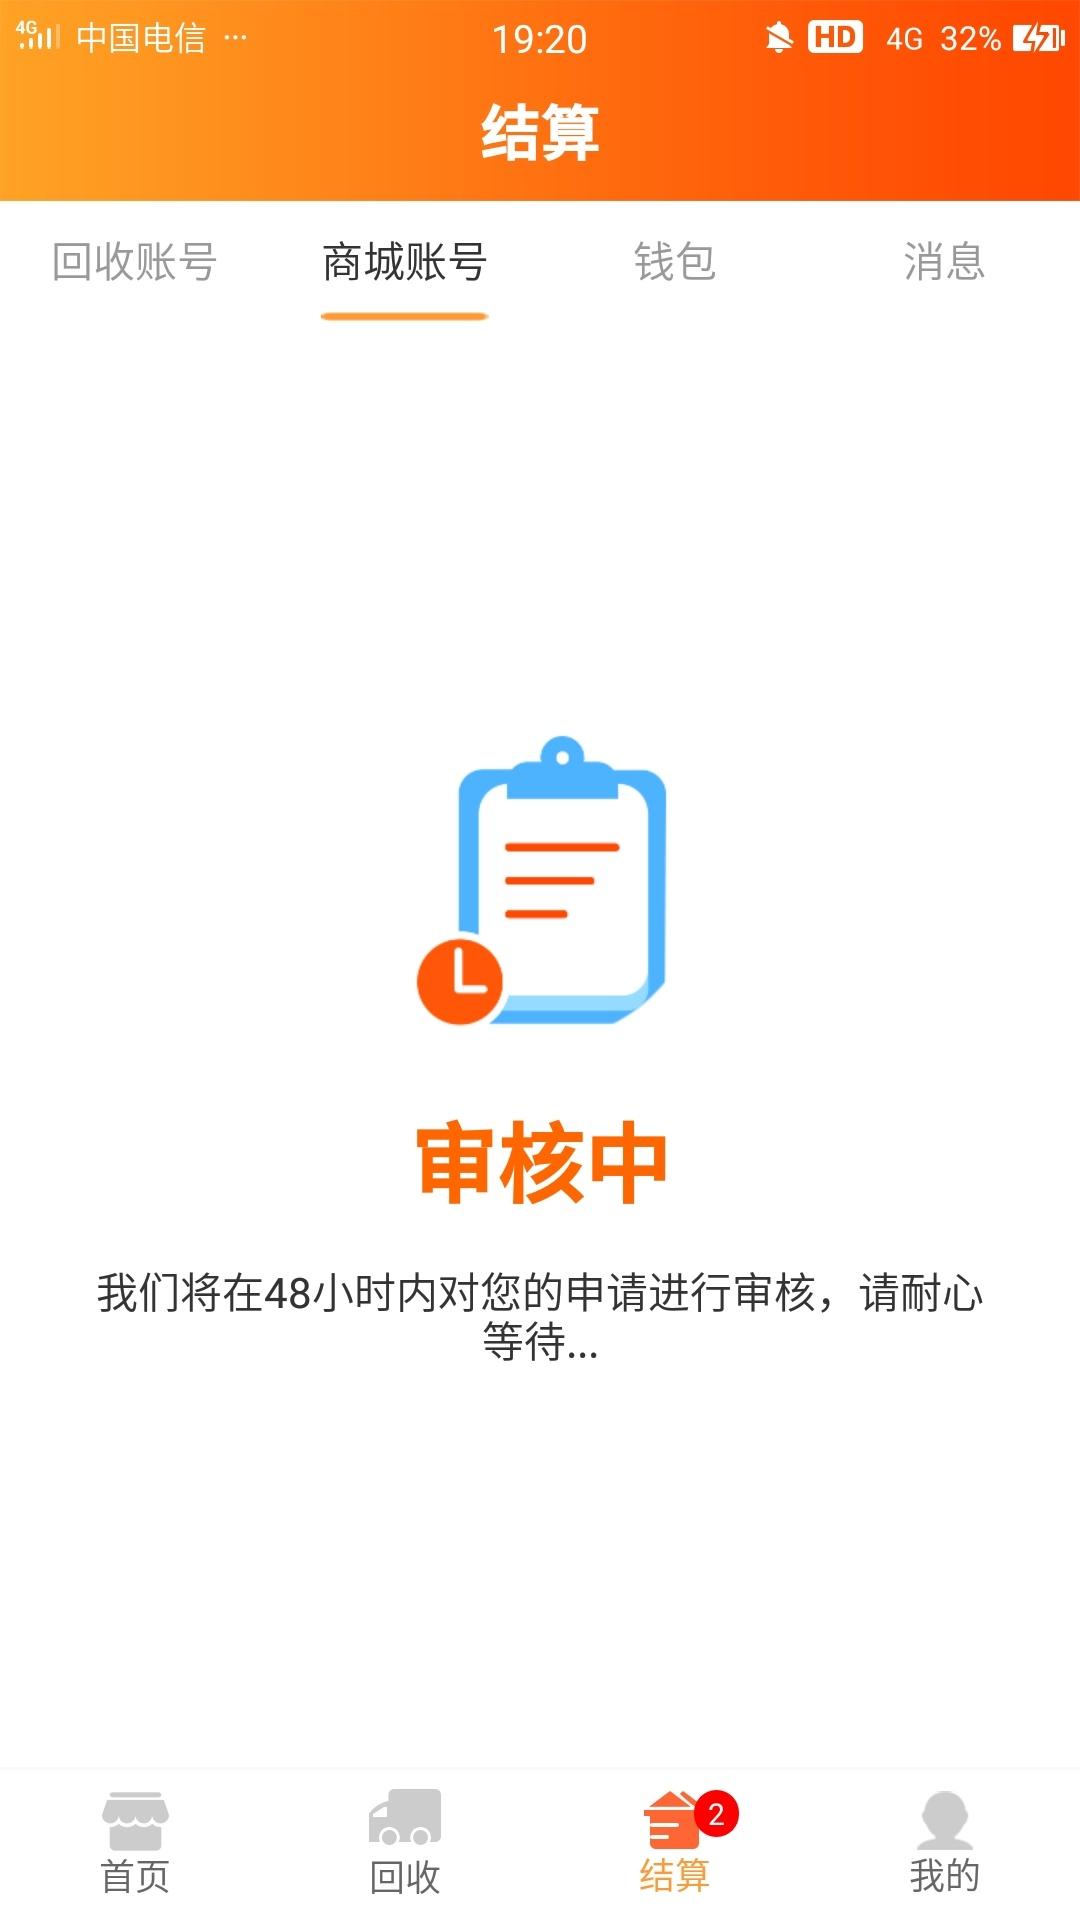 天河乐购要审核多久?96 / 作者:朱芷冉 /